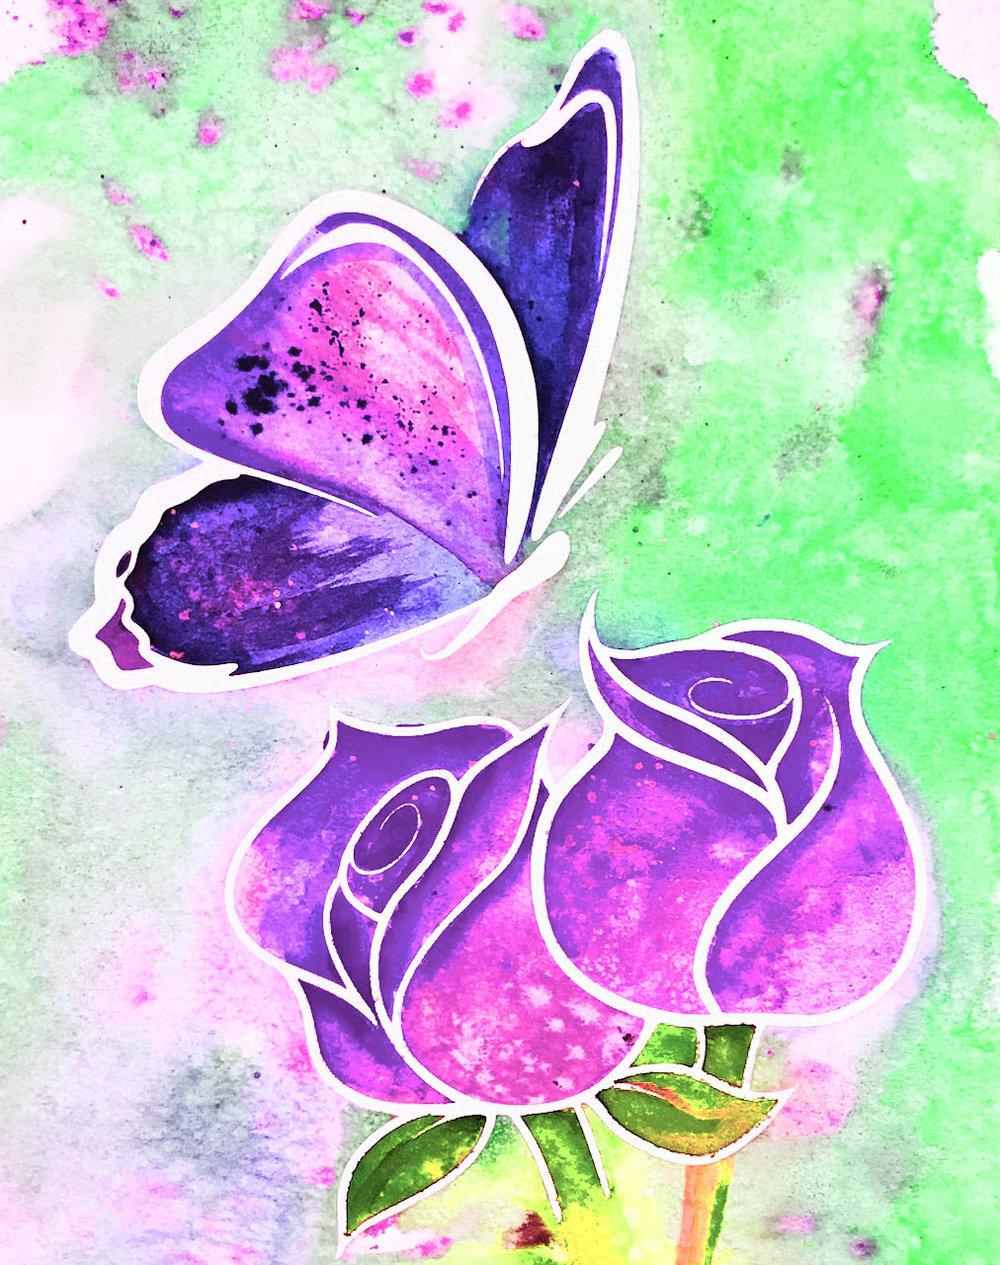 Butterfly-Roses2.jpg